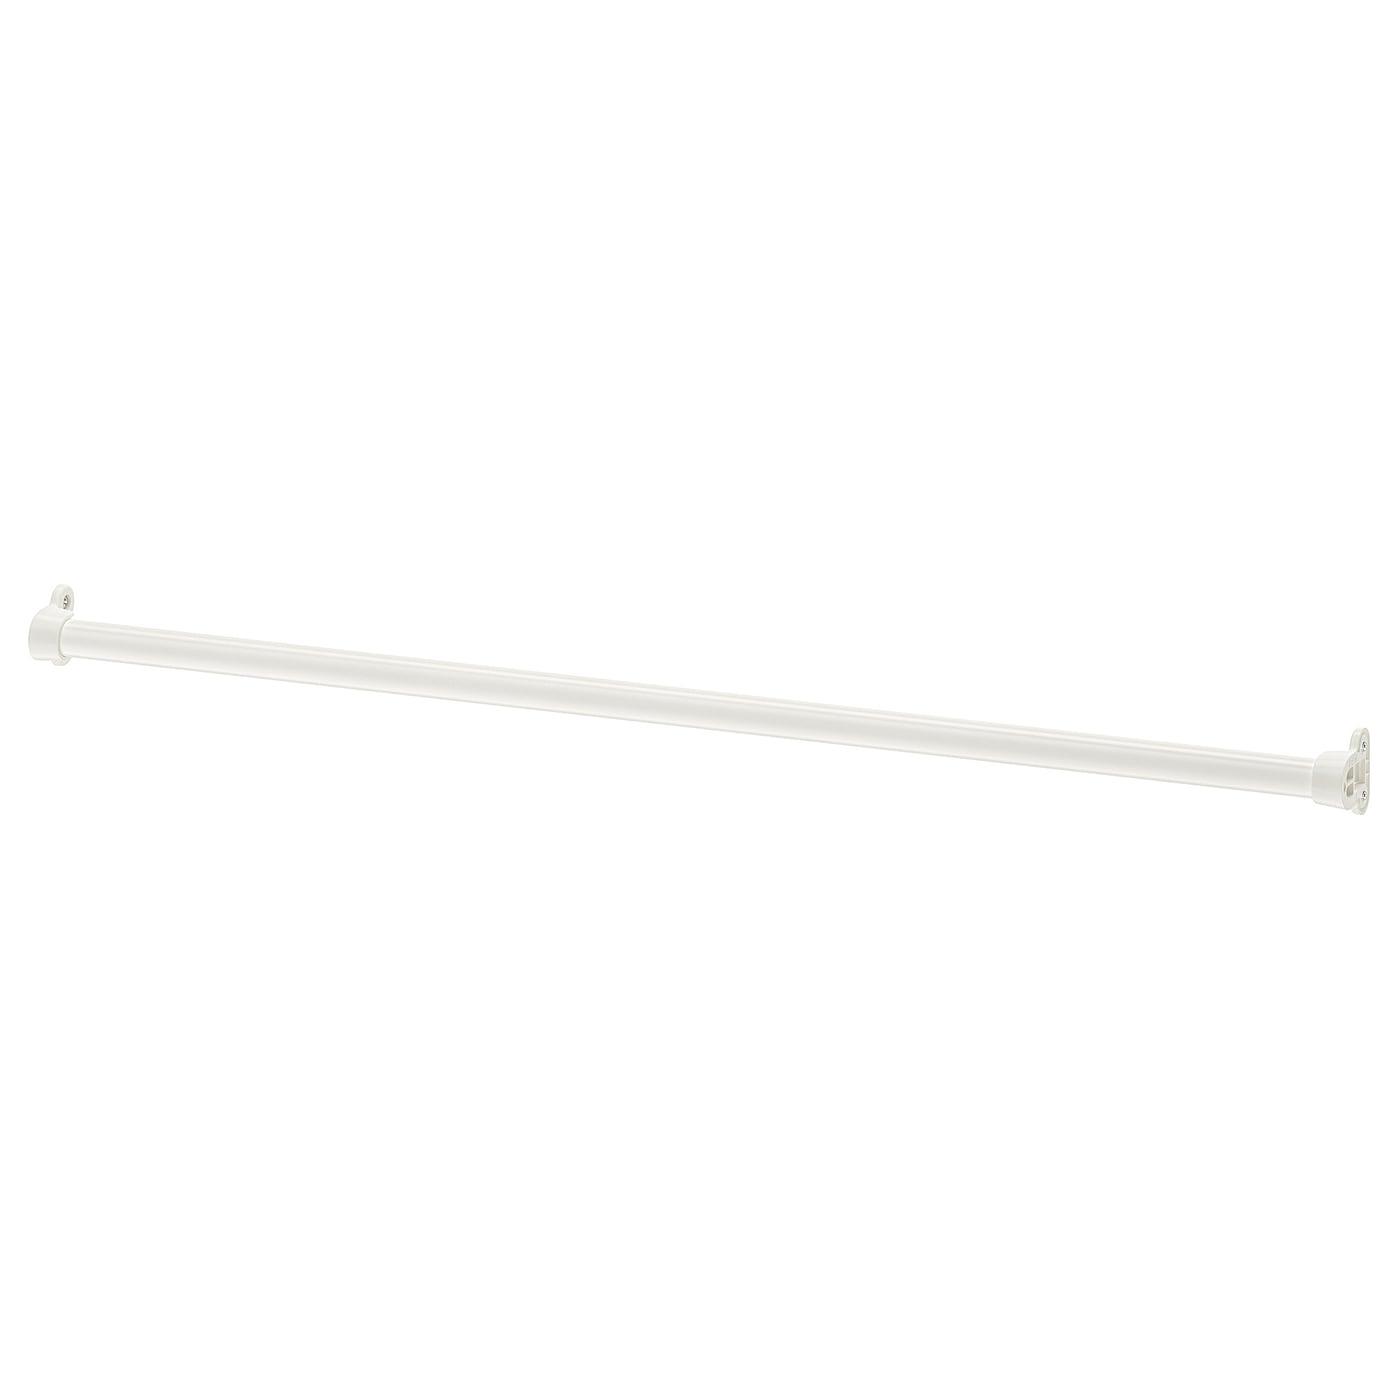 Komplement Kleiderstange Weiss Ikea Deutschland